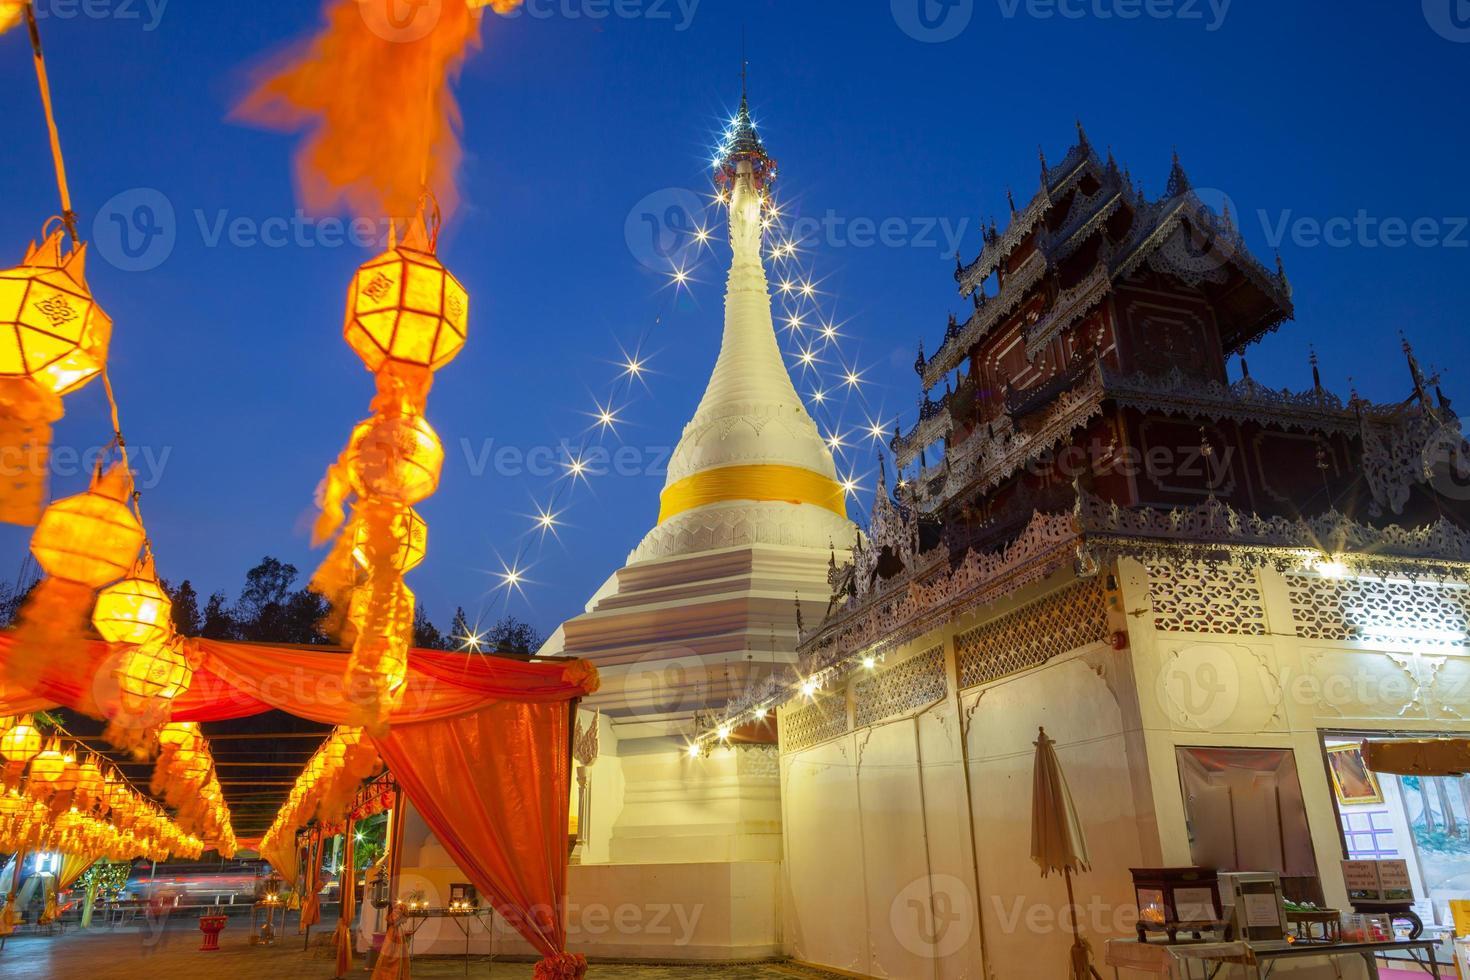 provincia de shanxi, china, 2020 - la gran pagoda blanca decorada con luces foto